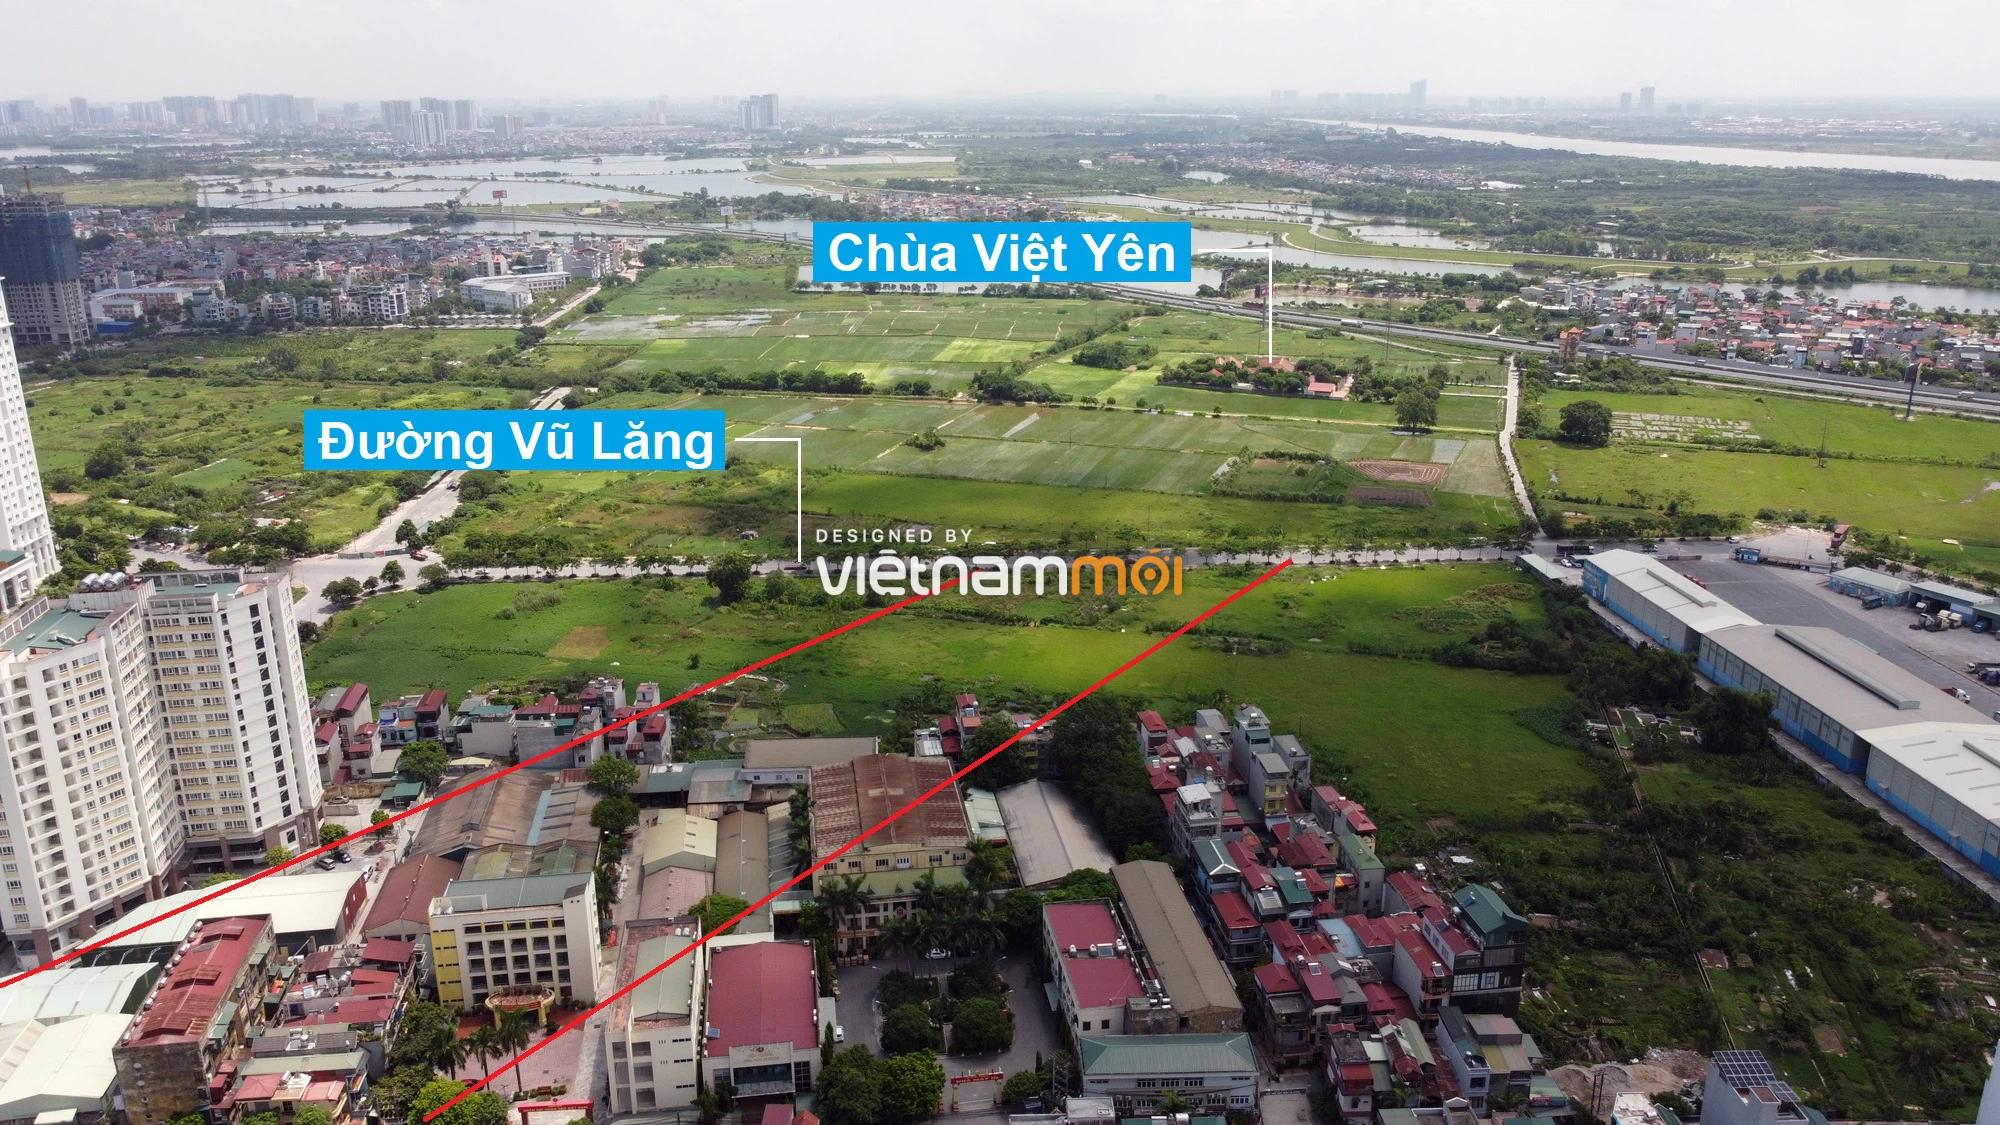 Những khu đất sắp thu hồi để mở đường ở xã Ngũ Hiệp, Thanh Trì, Hà Nội (phần 1) - Ảnh 5.